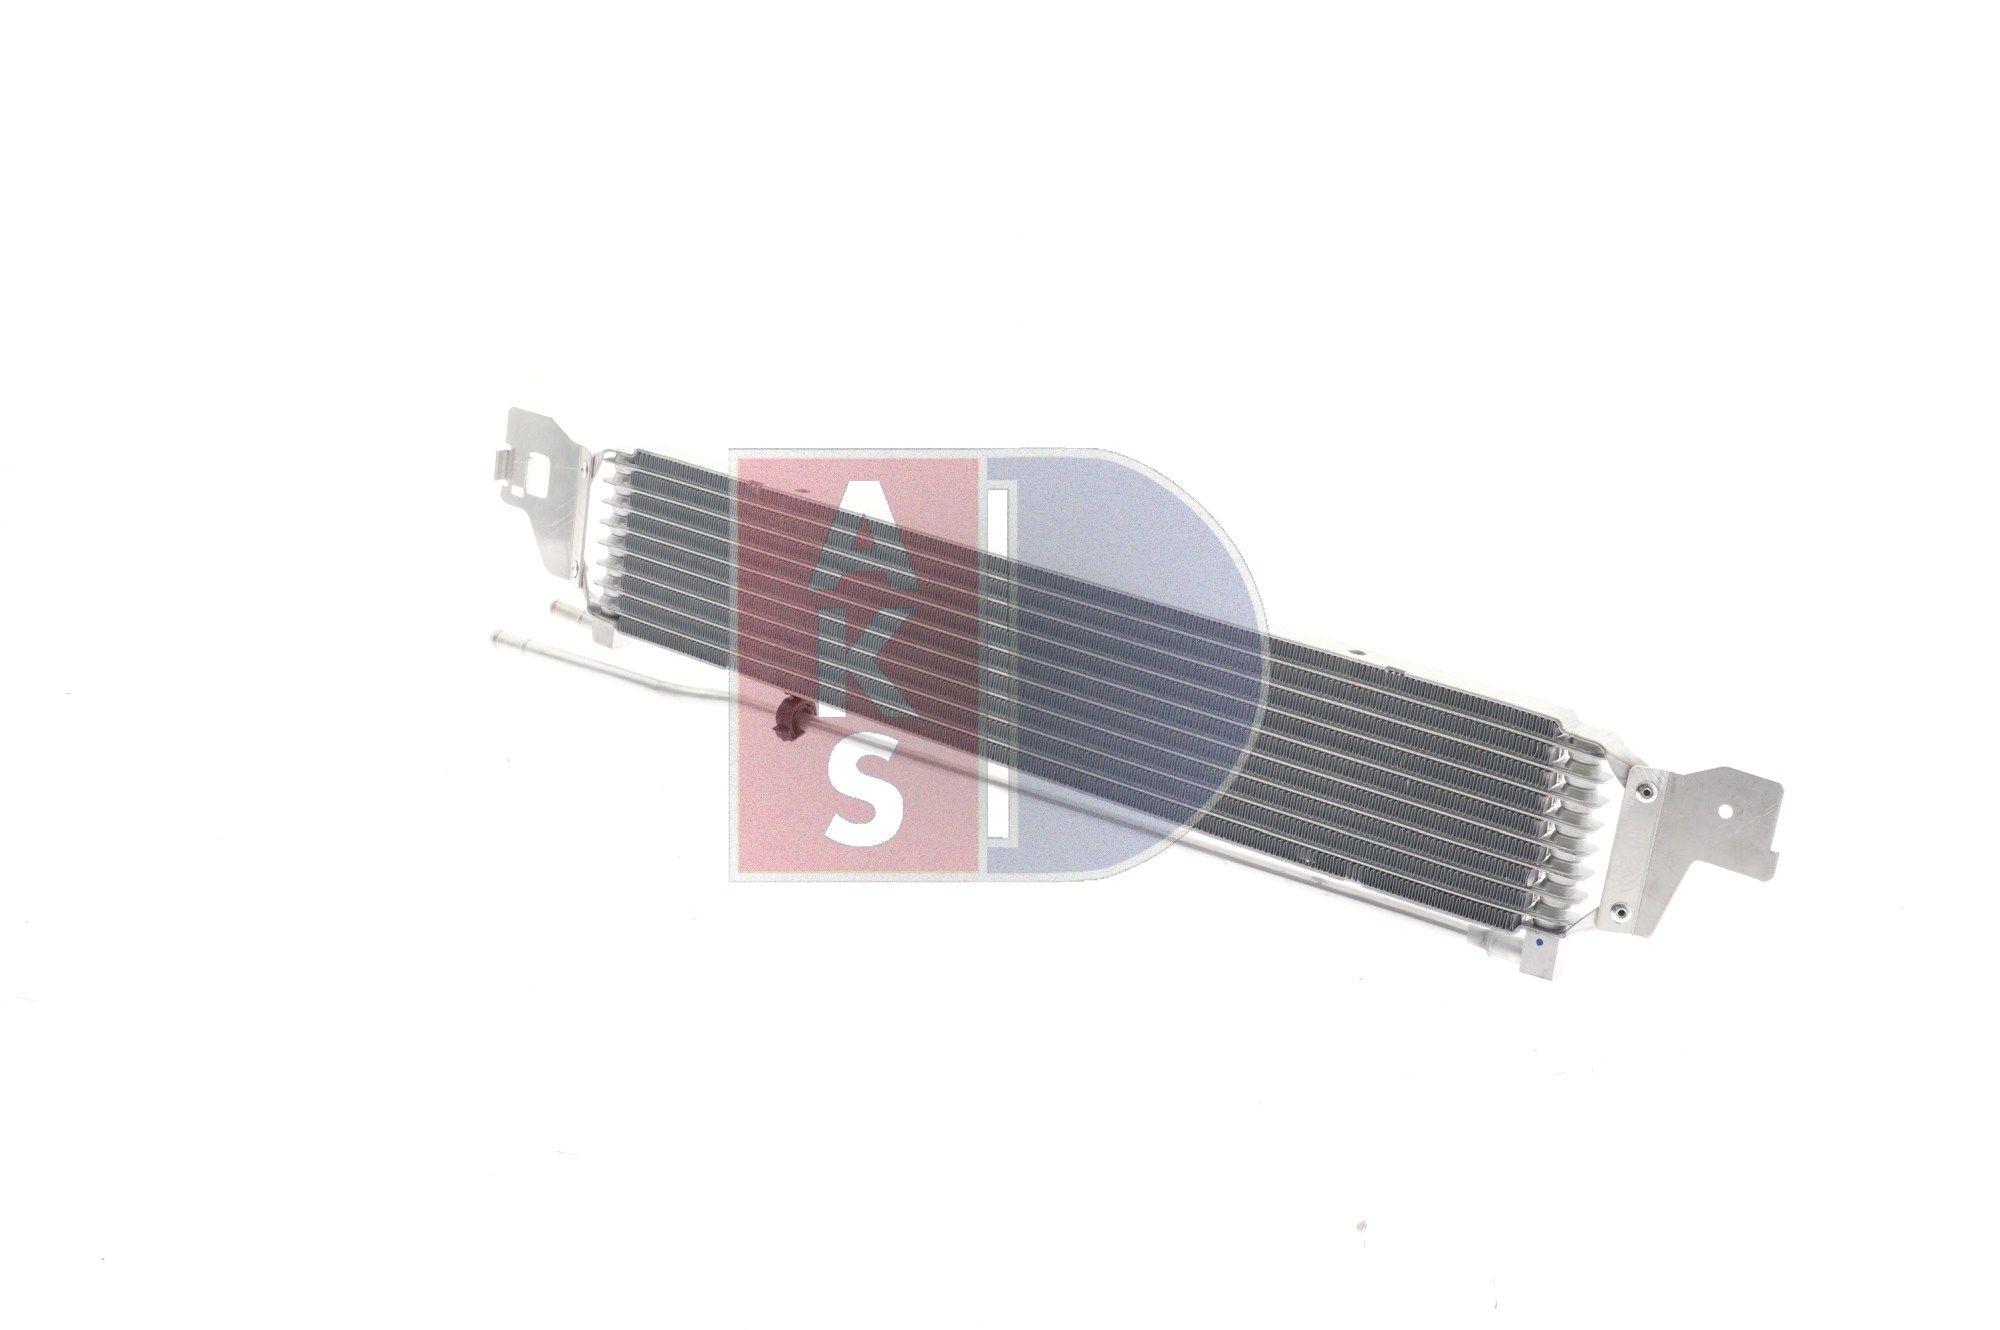 OPEL TIGRA Getriebe Ölkühler - Original AKS DASIS 156032N